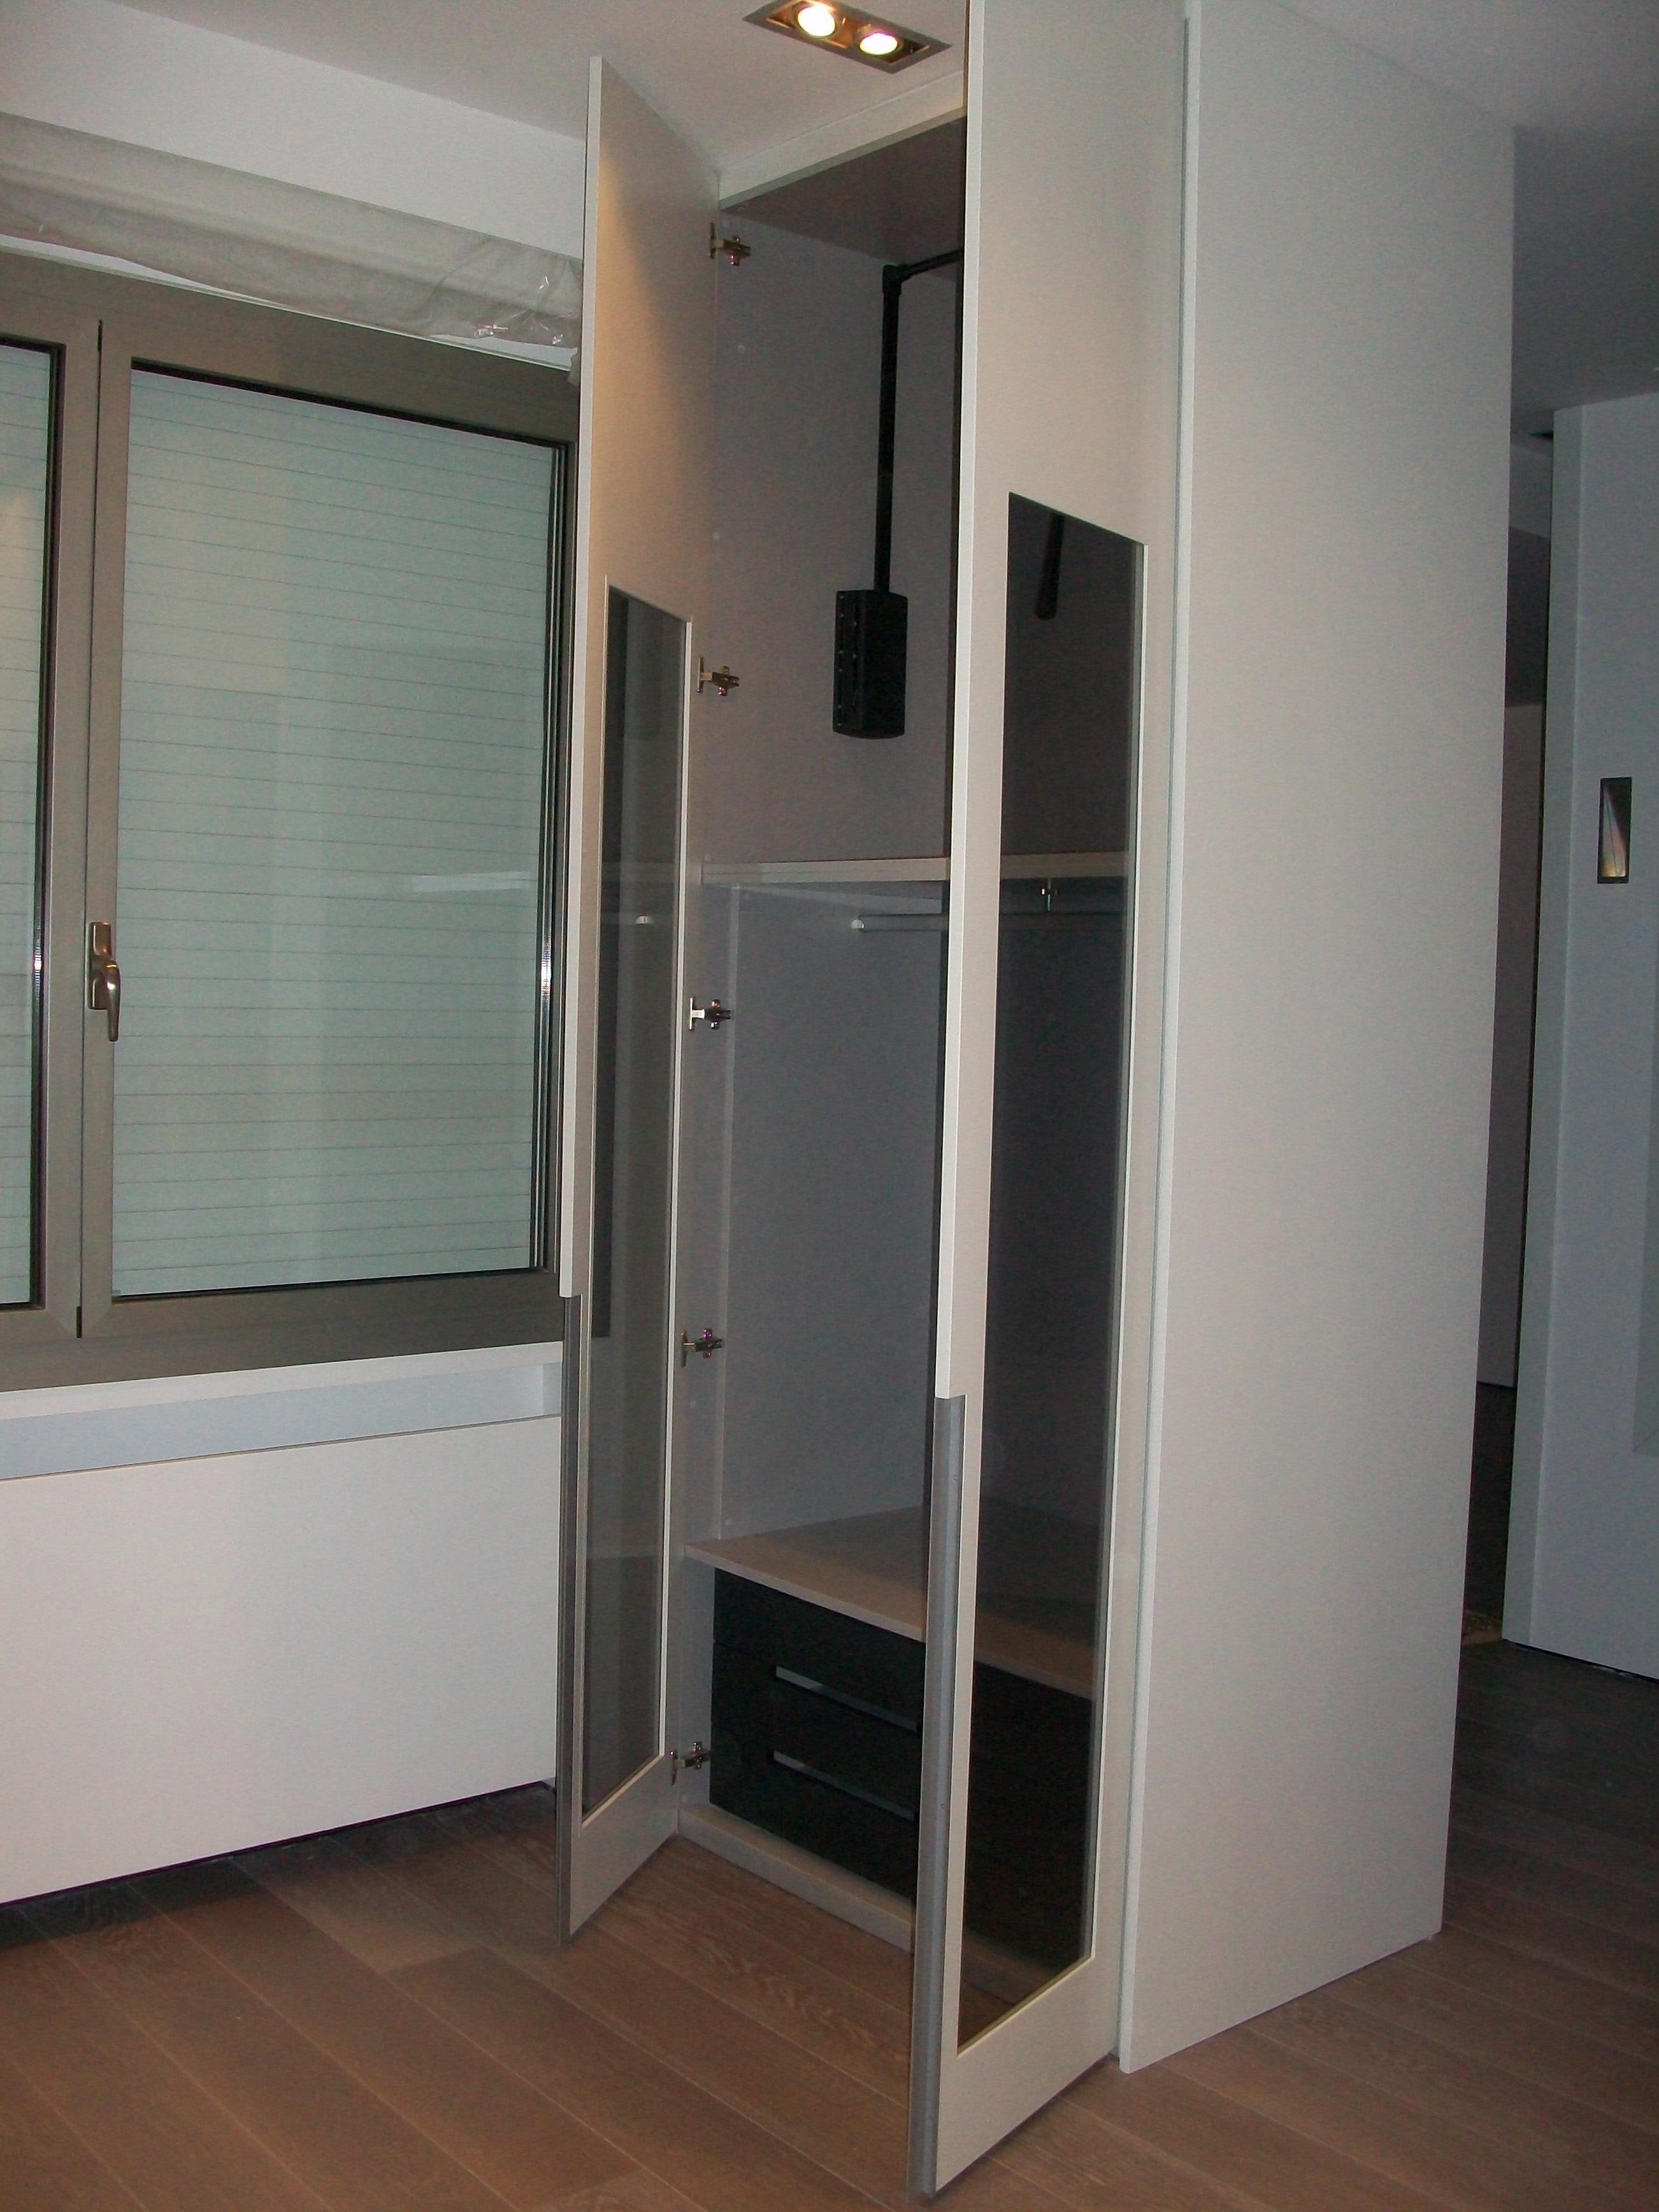 Armarios fabrica fabricacion muebles a medida valencia 6 for Fabrica muebles valencia